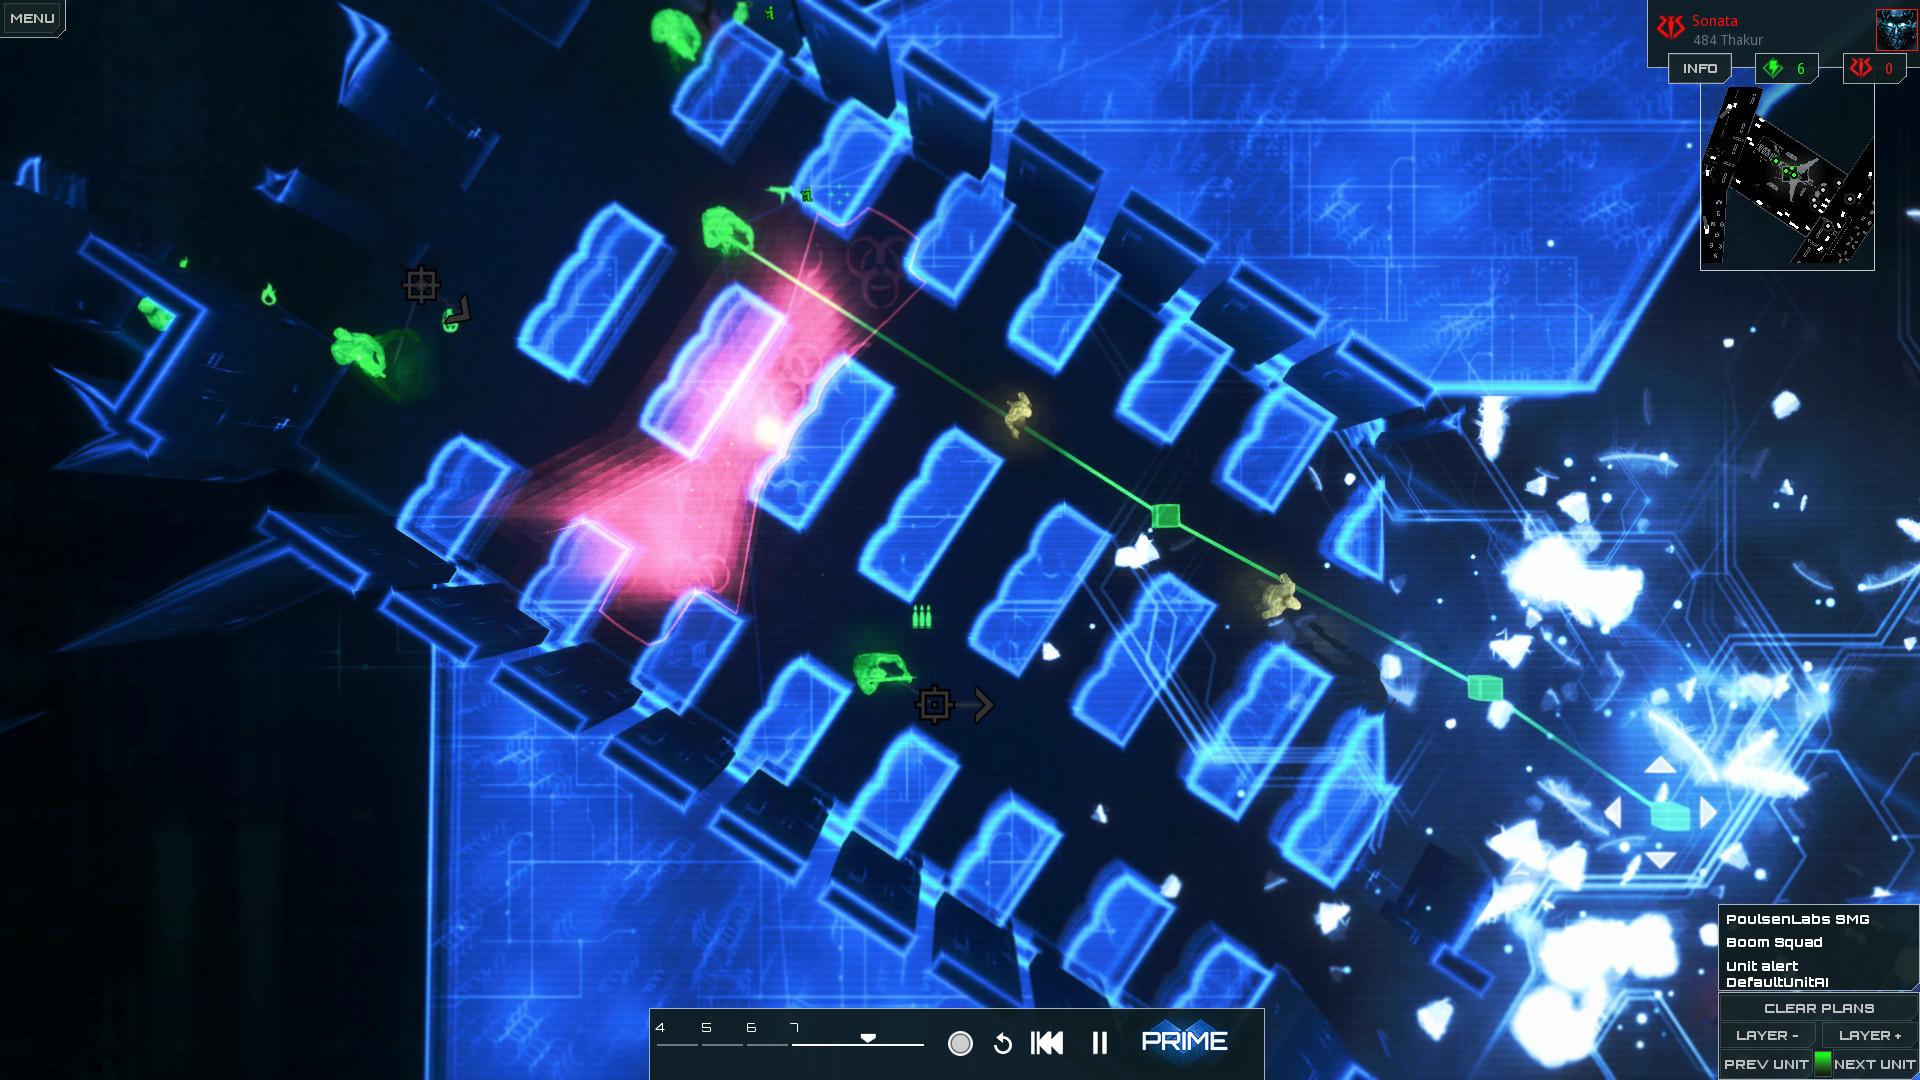 潜行侦探游戏《疑影》20分钟演示开发者只有一个人